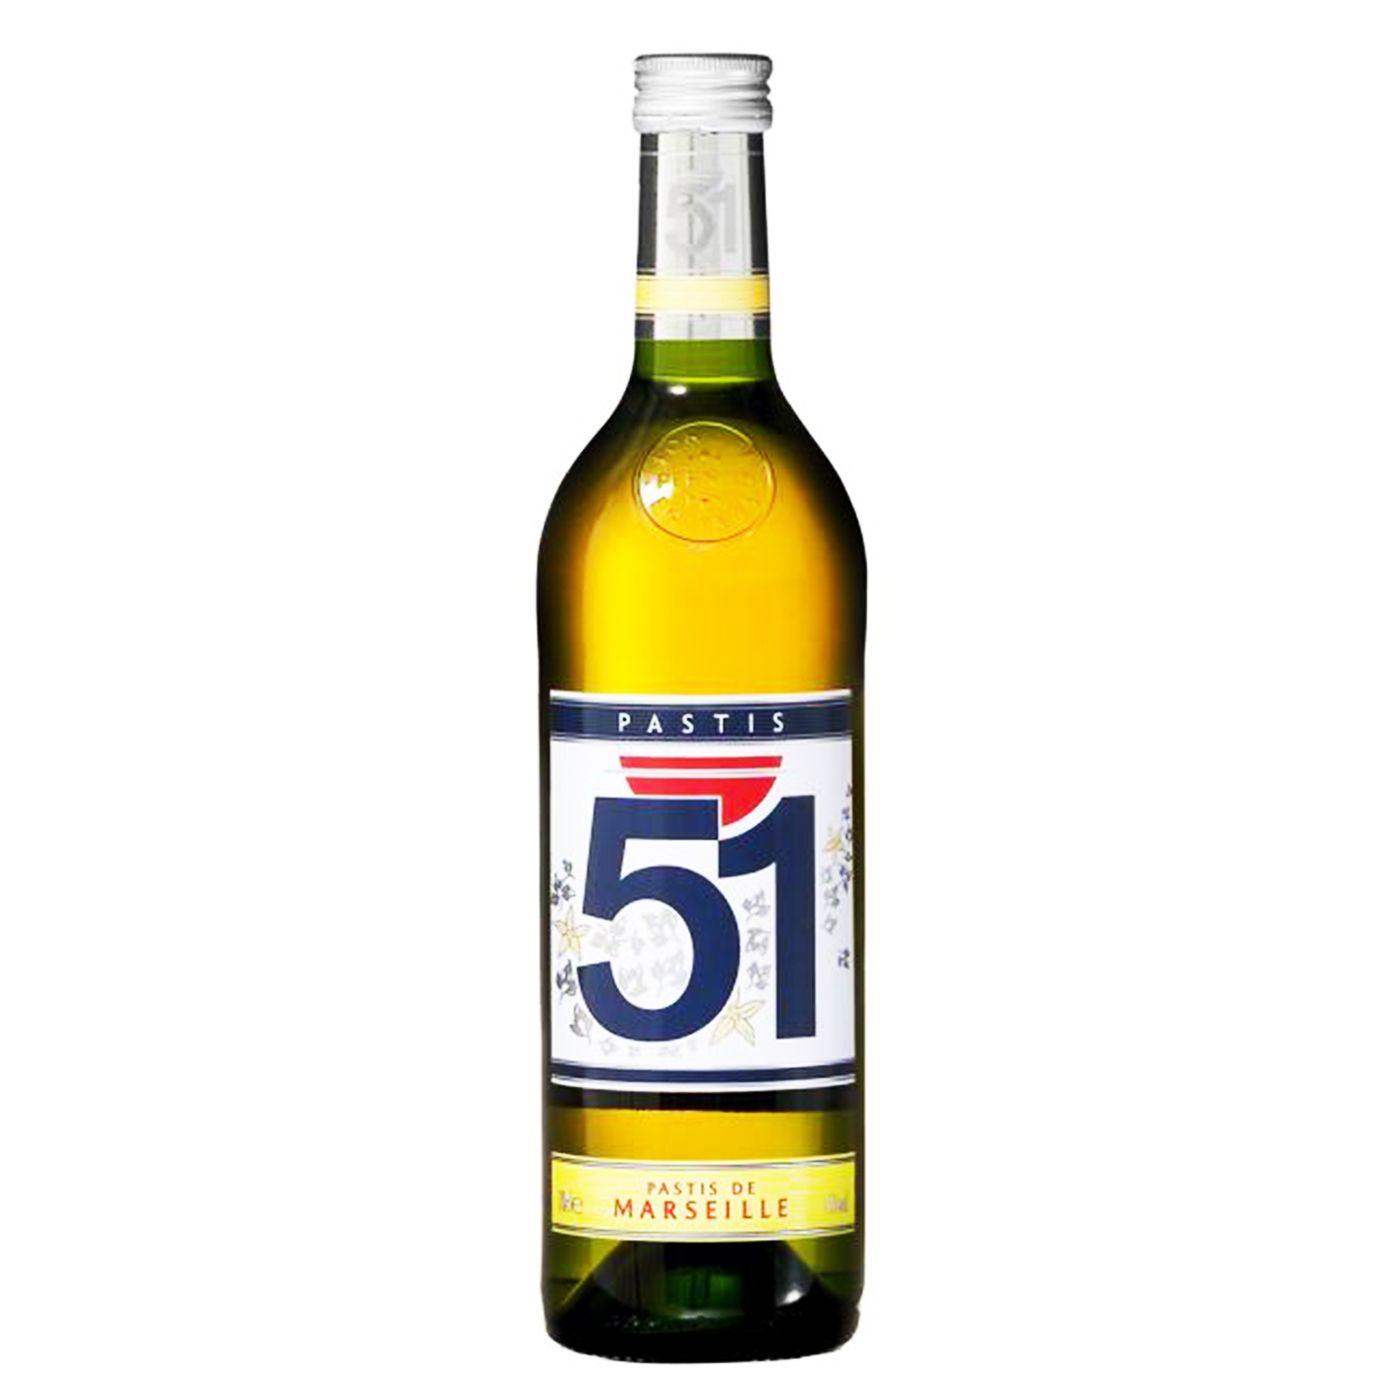 51 che pastis!